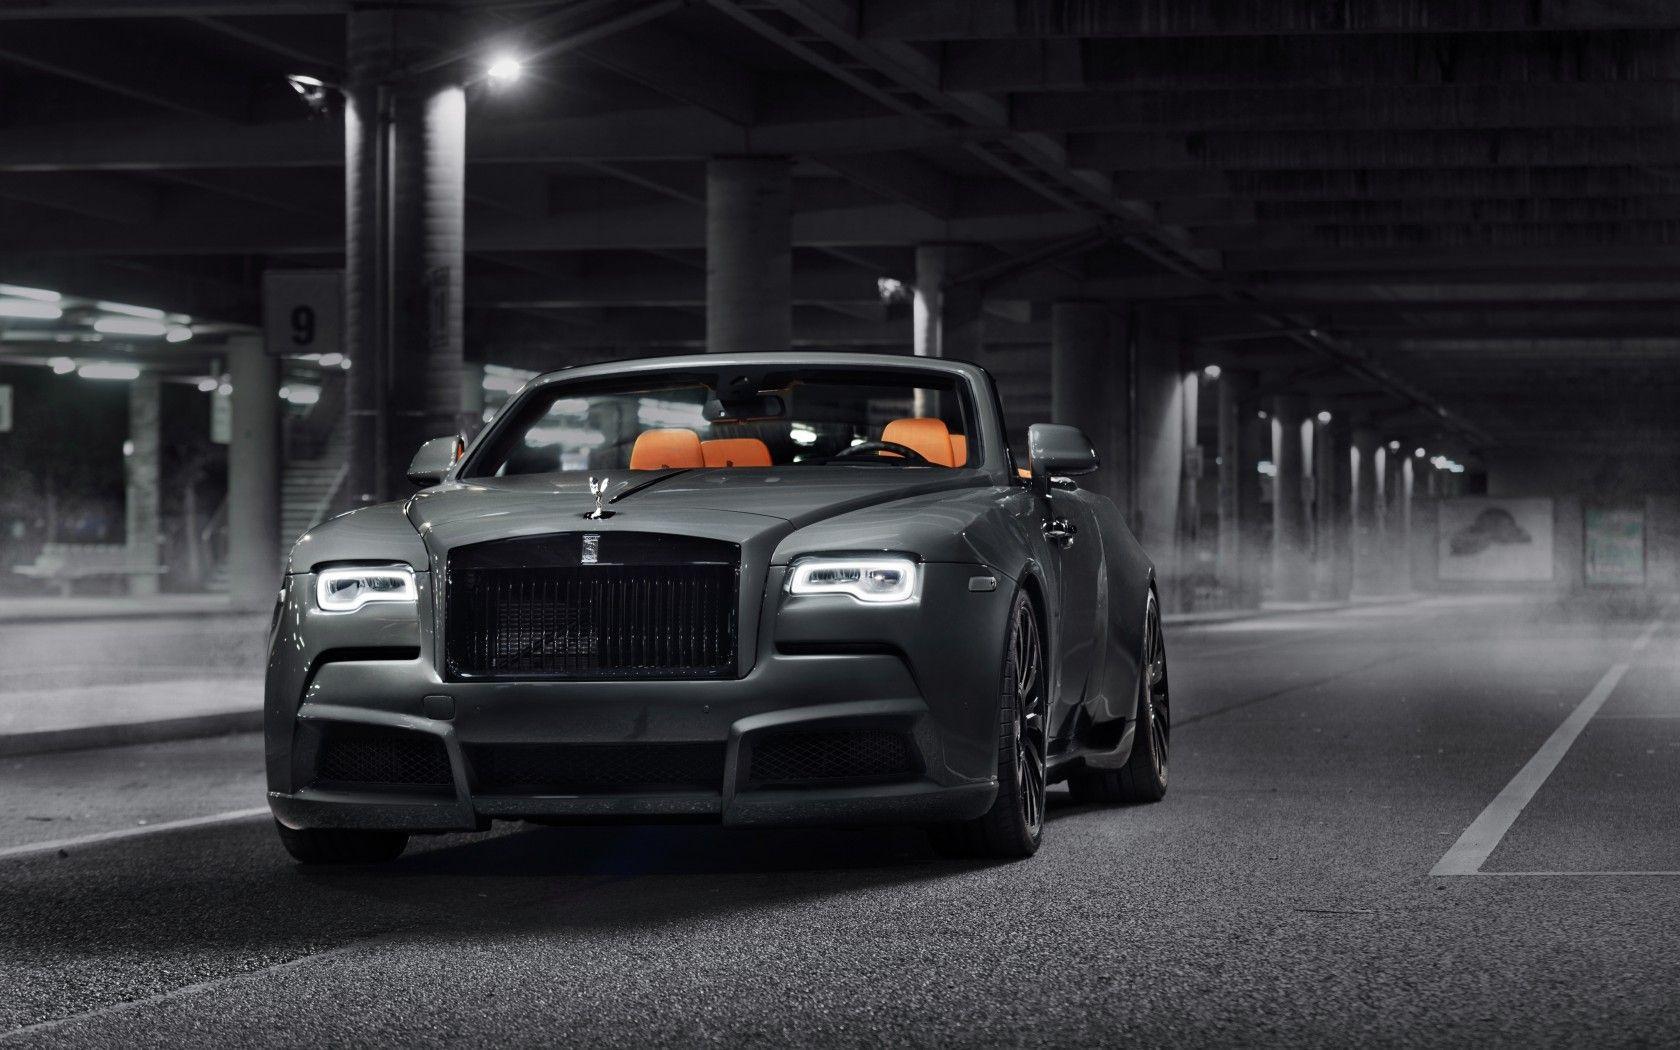 Rolls Royce 4k Wallpapers Top Free Rolls Royce 4k